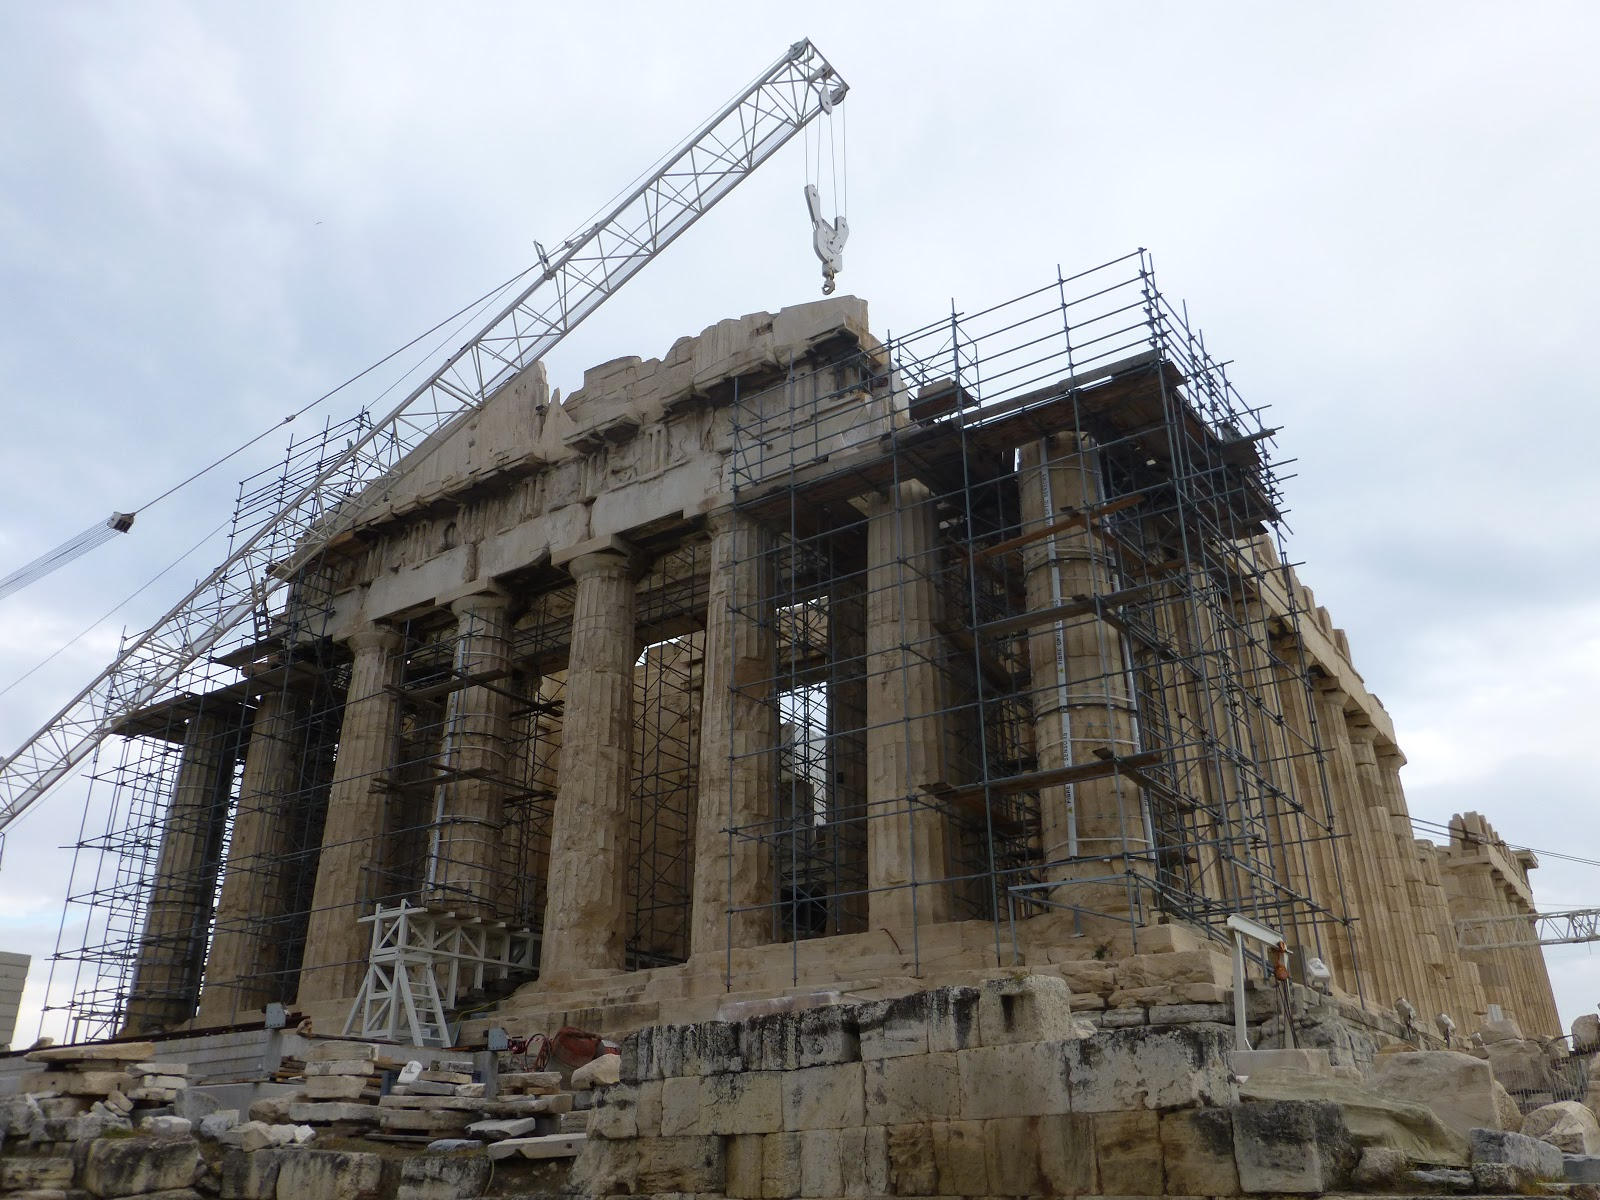 Christopher's Expat Adventure: The Acropolis